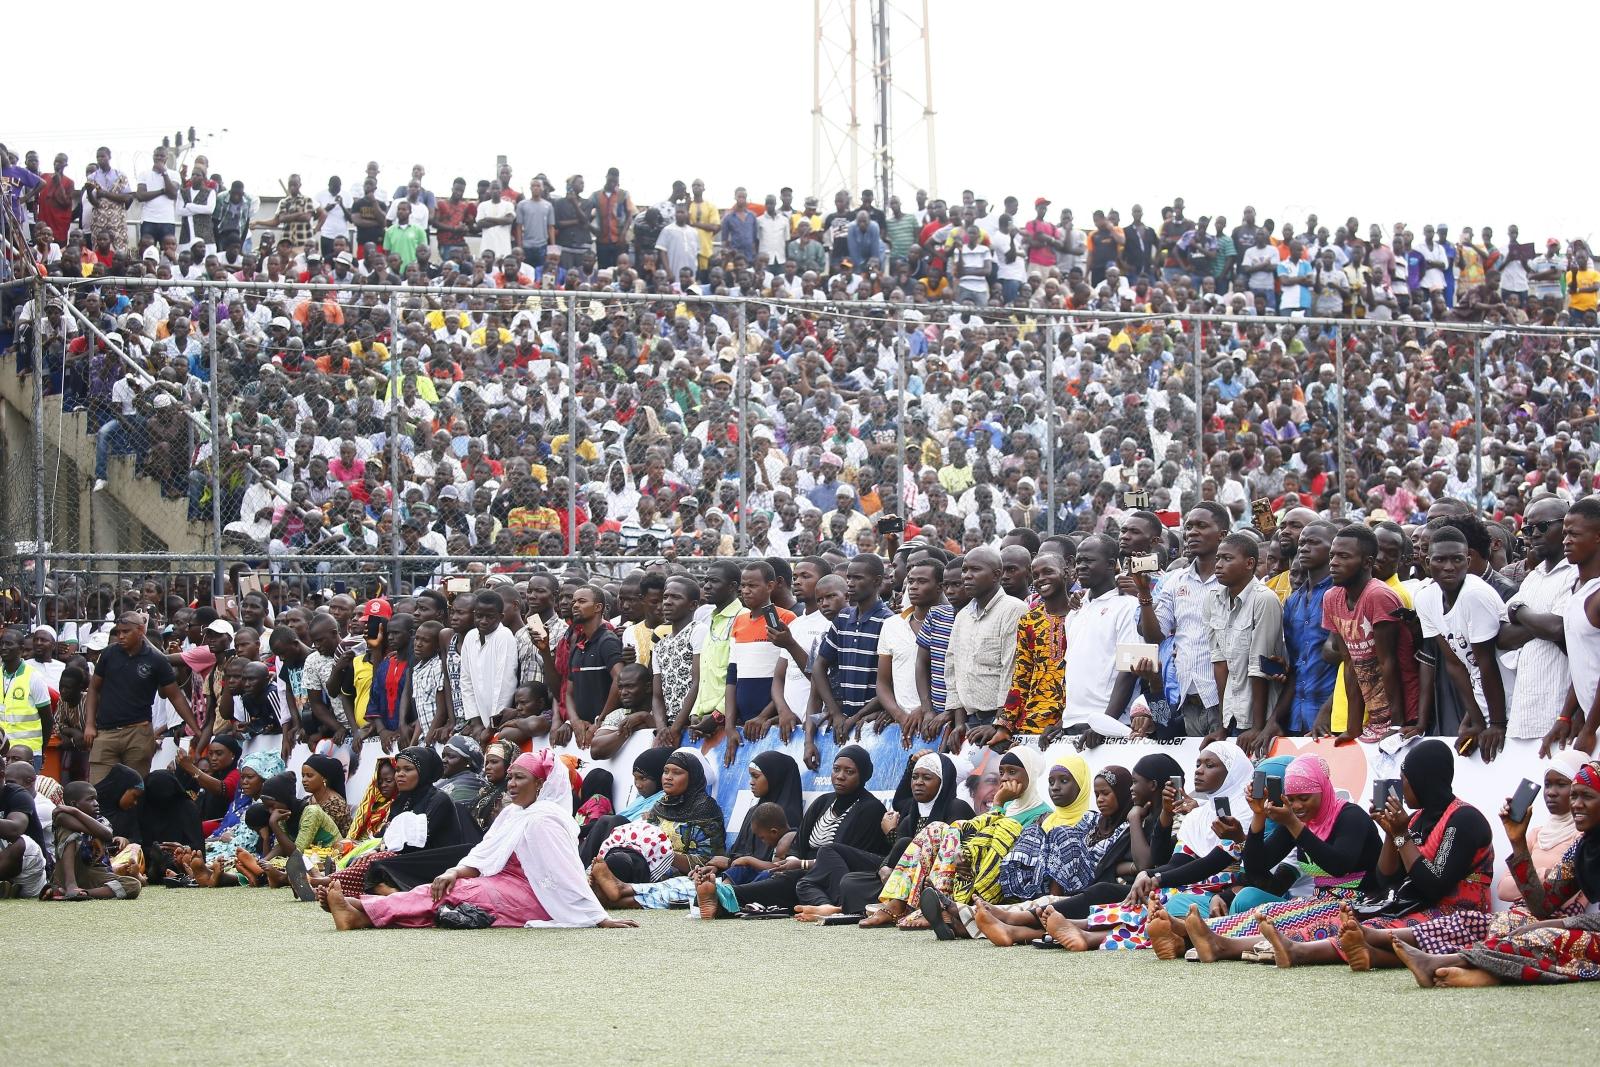 Muzułmanie modlą się na stadionie w Monrovie, Liberia.